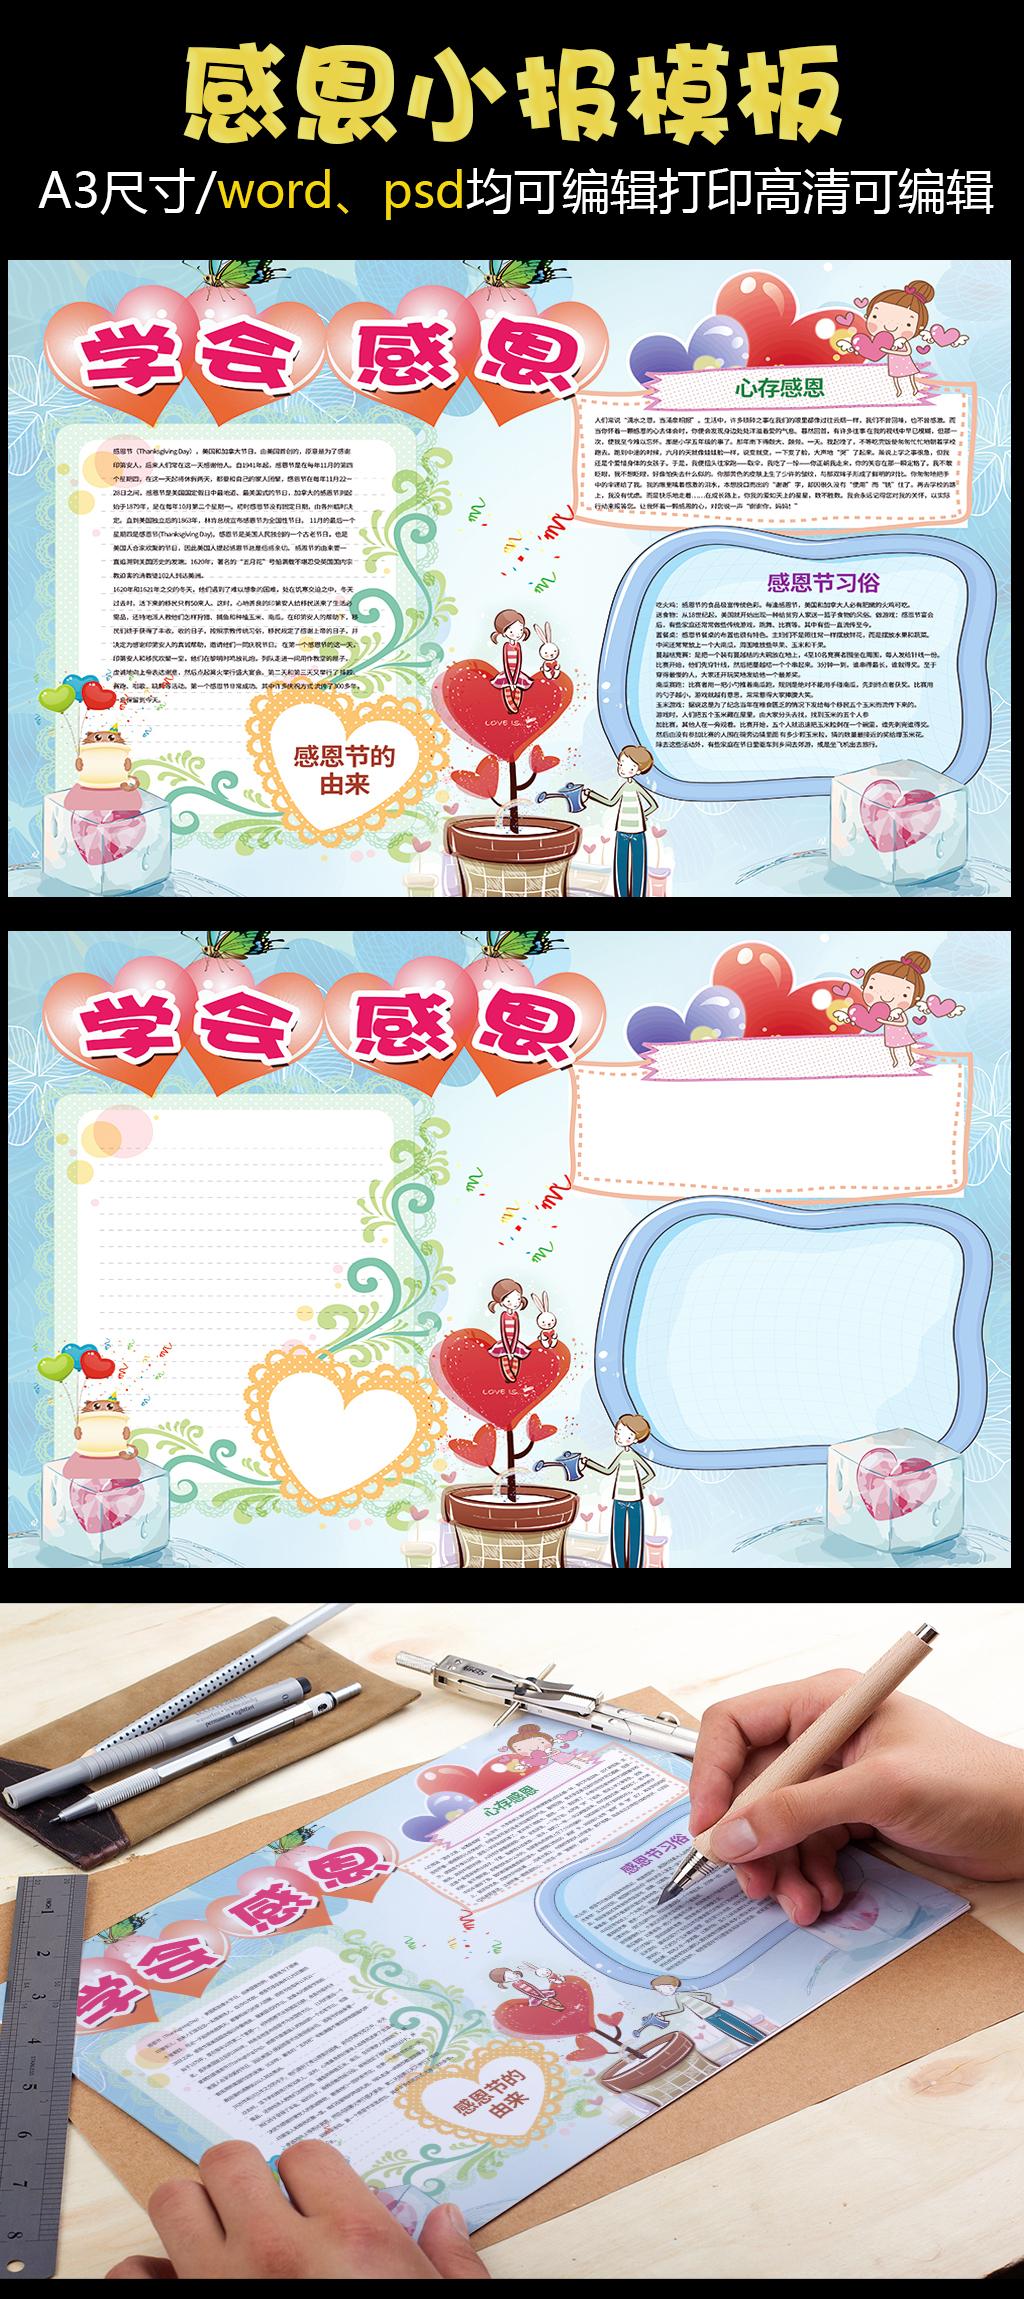 学会感恩感恩节小报背景花边模板图片设计素材 高清PSD下载 140.93图片